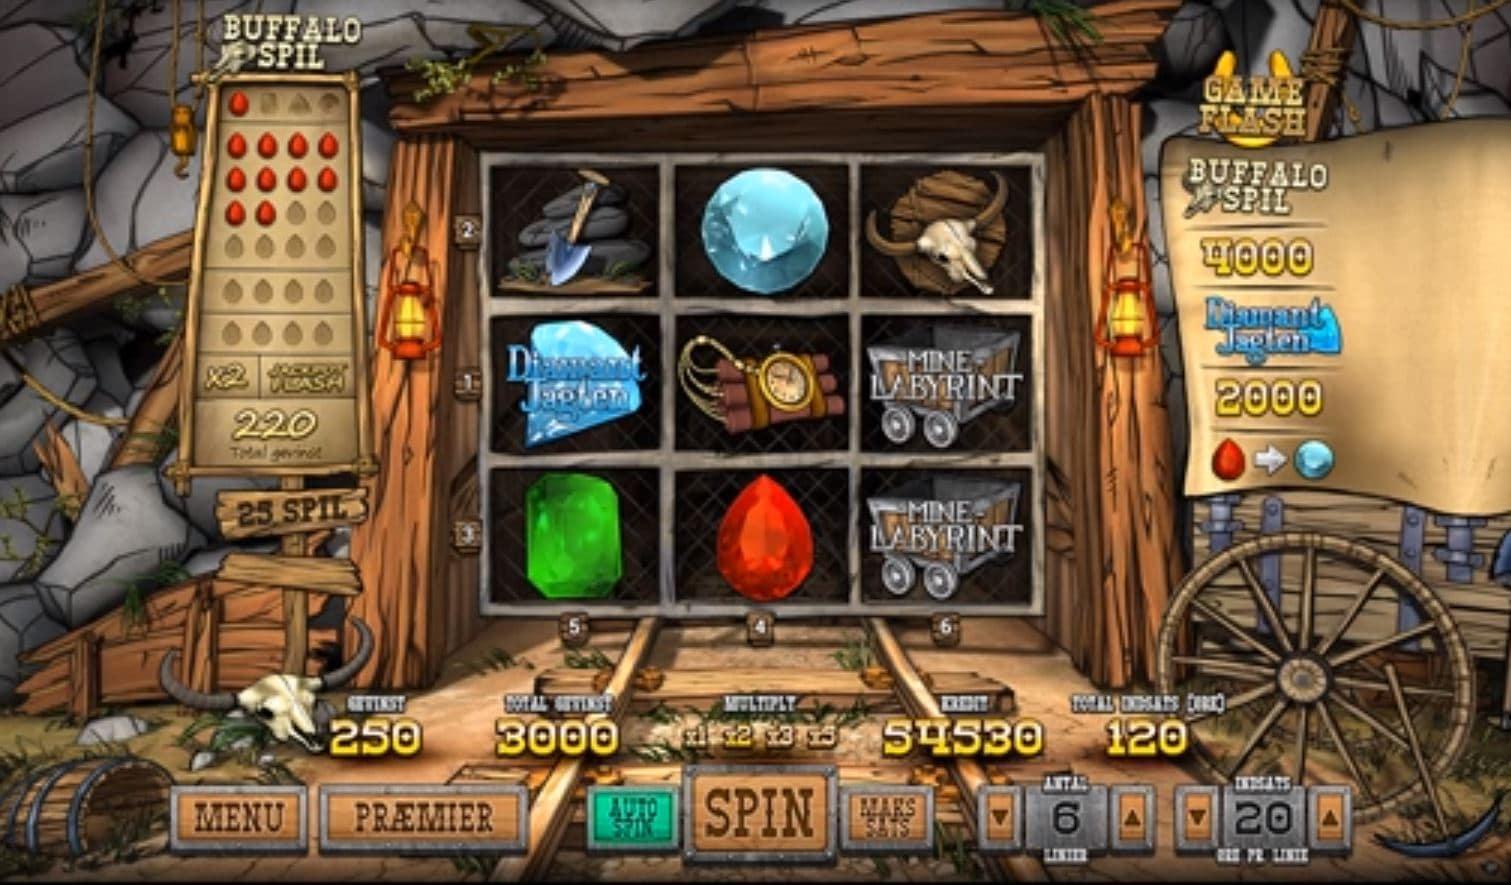 Diamond Express spilleautomat